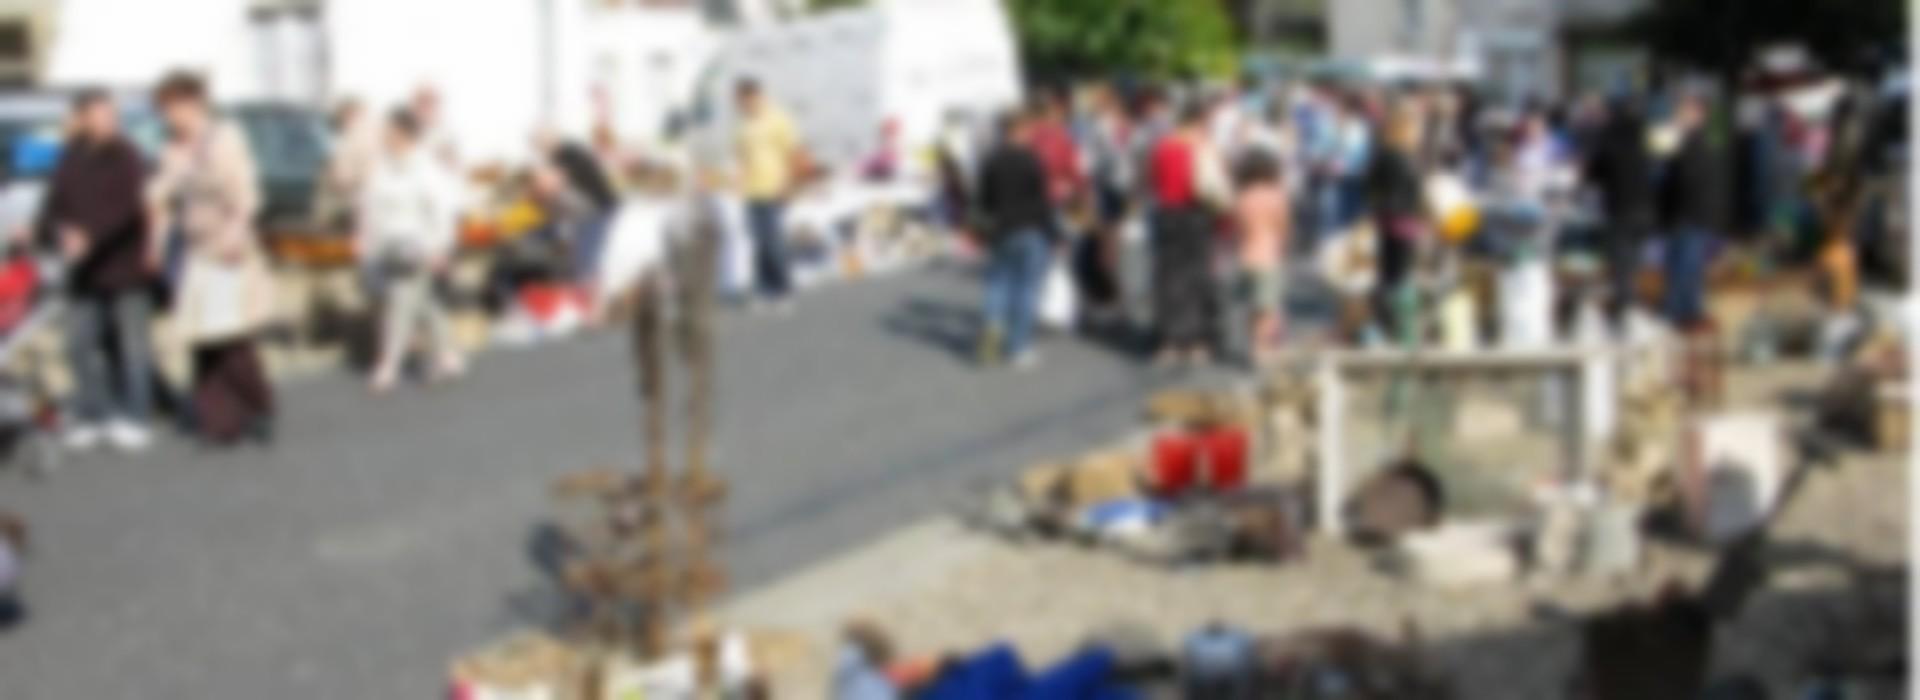 Brocante La Ferte St Aubin bric a brac: fêtes et manifestations france, pays de la loire